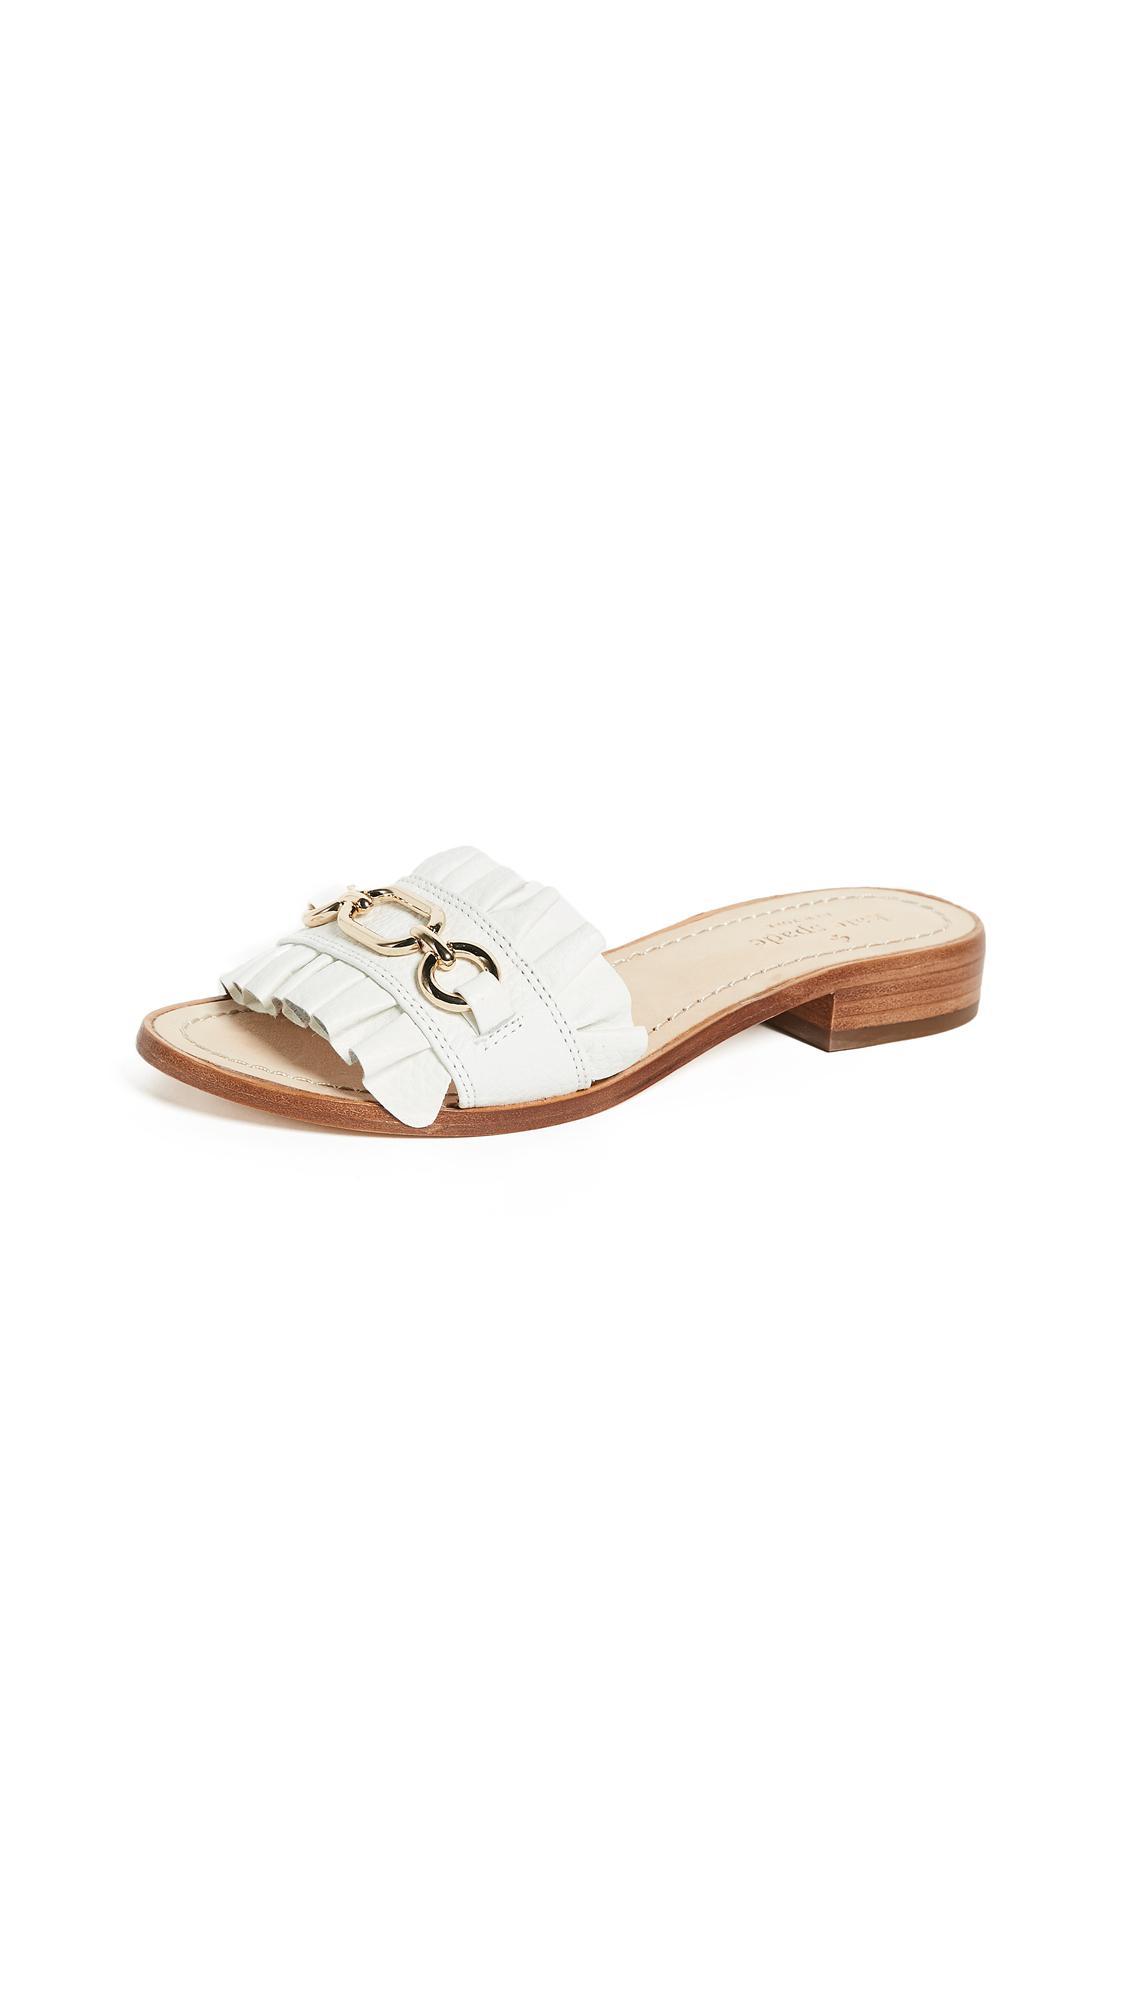 a8831b24a19d6e Lyst - Kate Spade Beau Slides in White